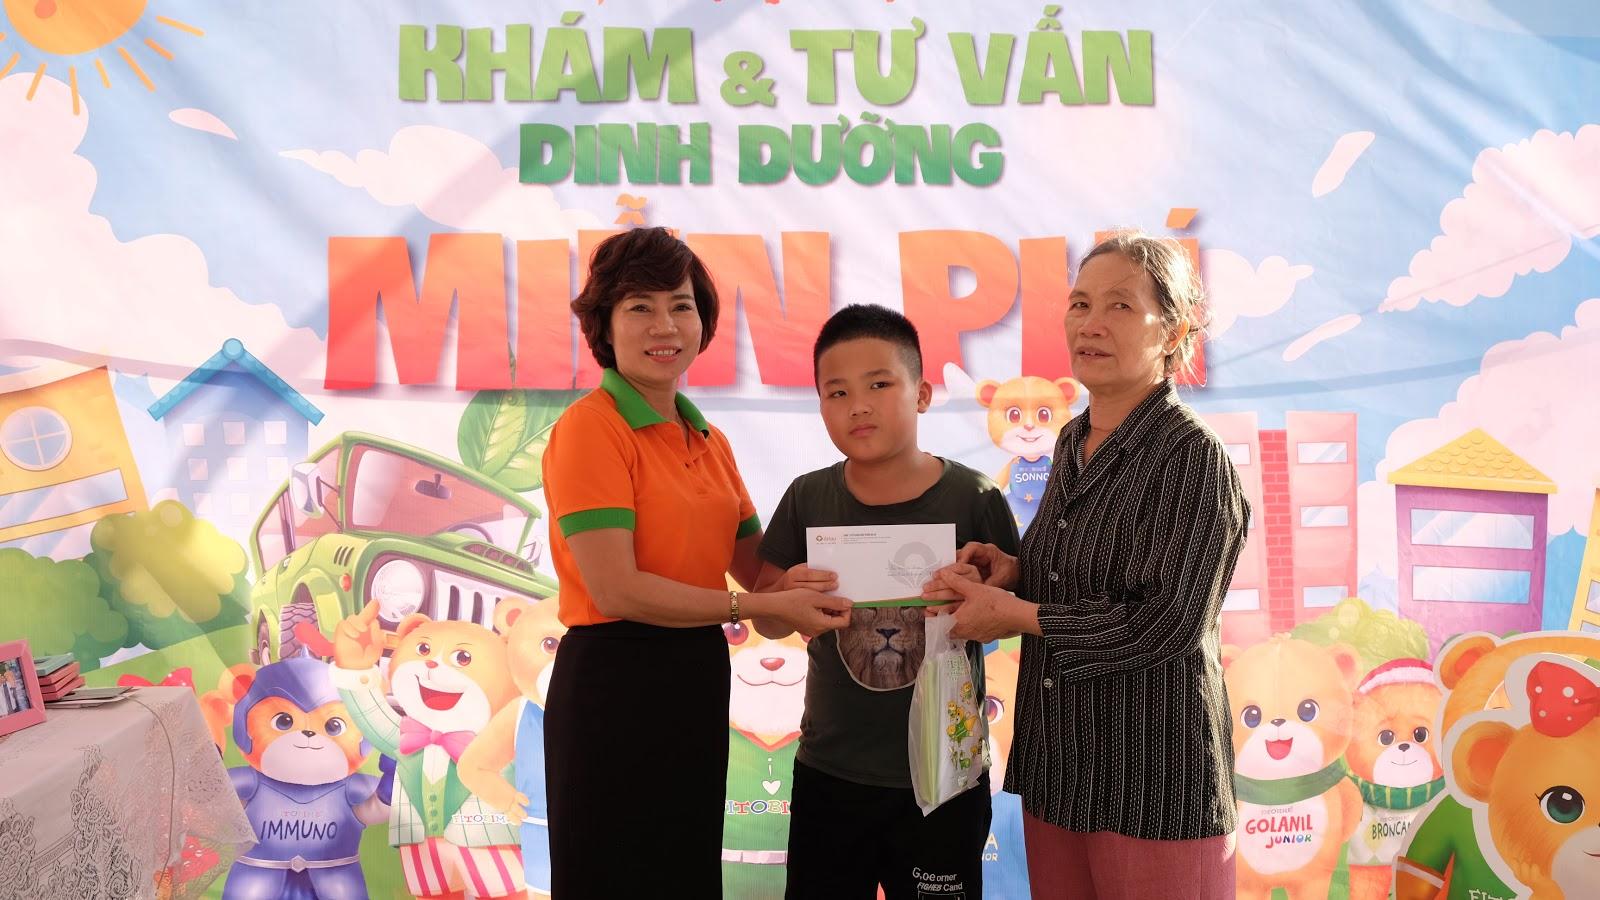 HÀNH TRÌNH VI CHẤT SỐ 10 – Quầy thuốc số 7 công ty Vũ Duyên, phường Nam Thành, TP Ninh Bình.